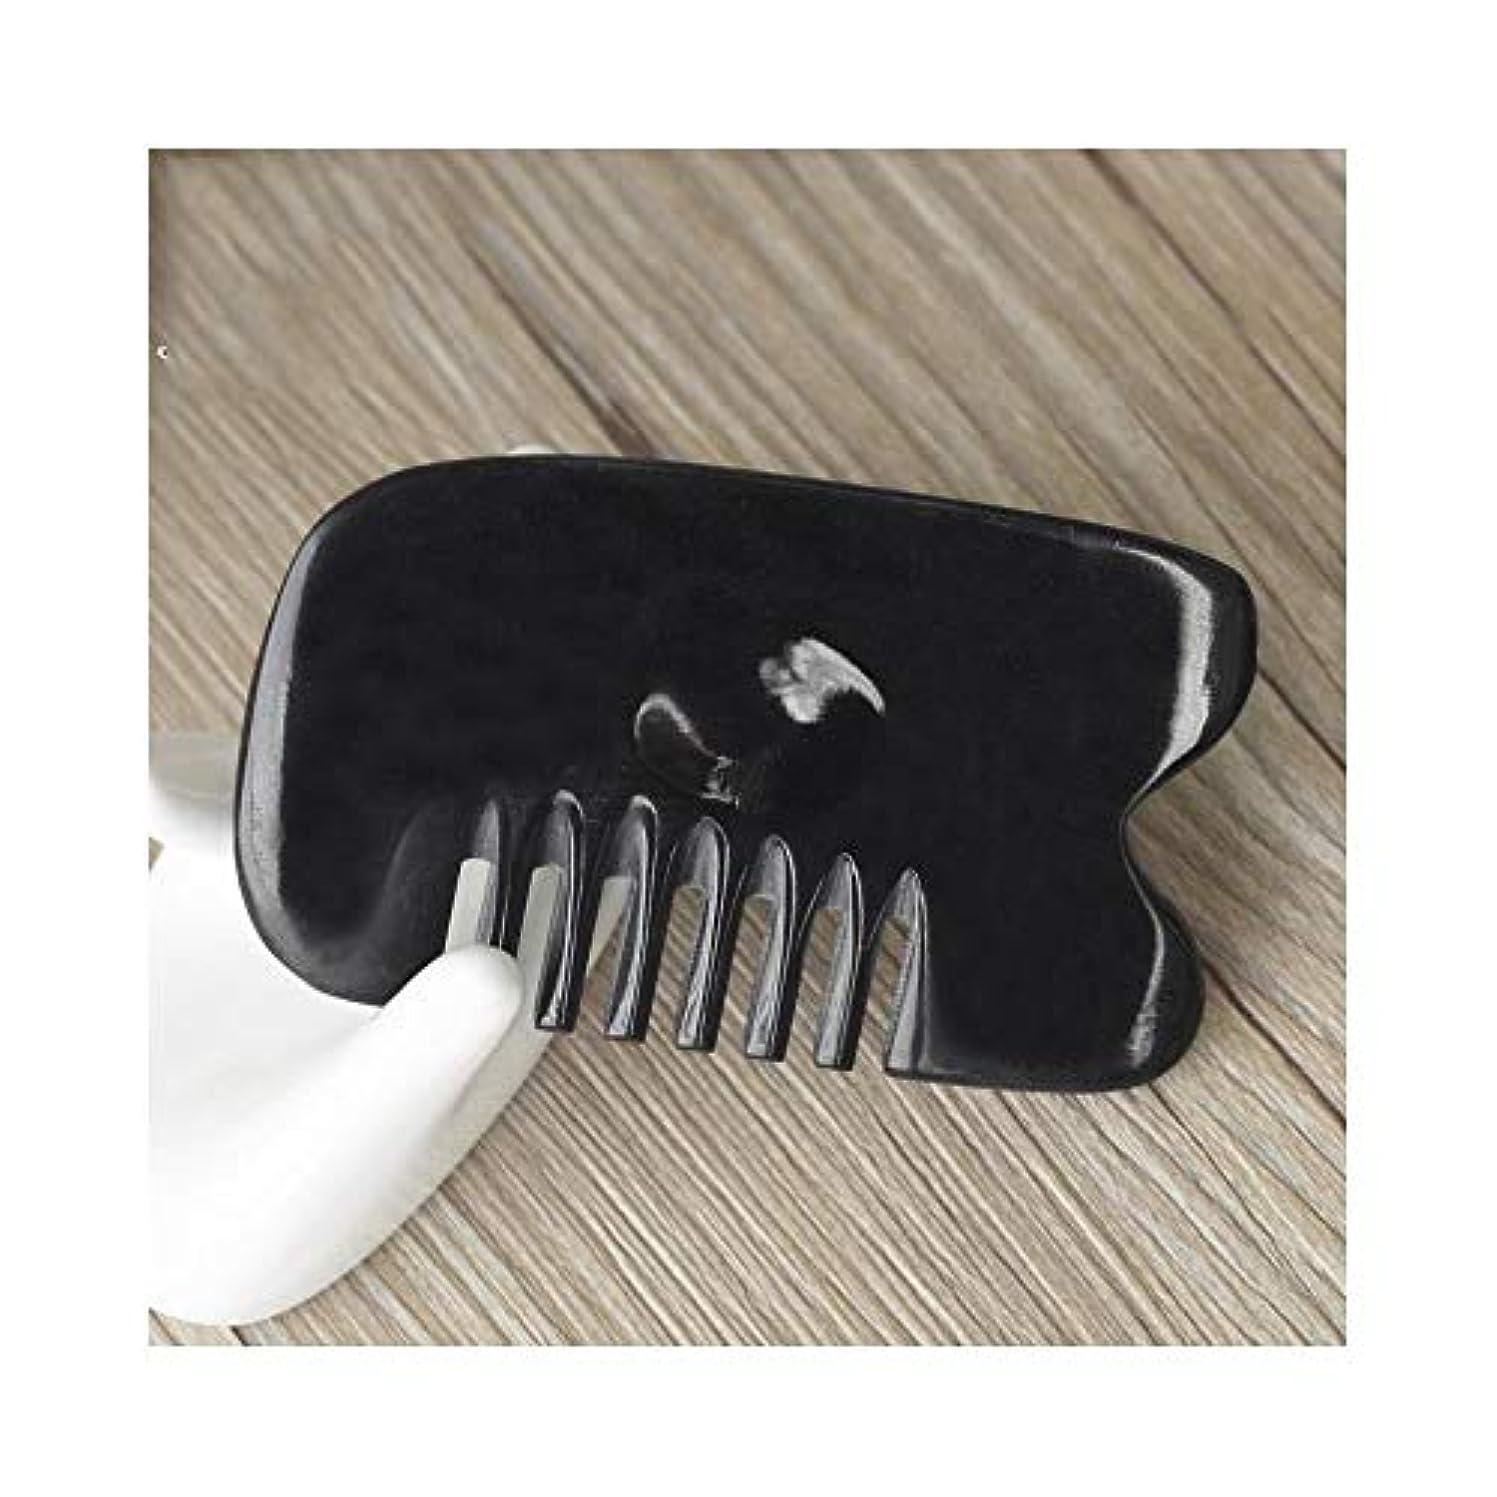 関与するハンサム約束するFashian手作りブラックバッファローホーンくし自然工芸ヘアブラシ(NO TANGLE - ワイド歯) ヘアケア